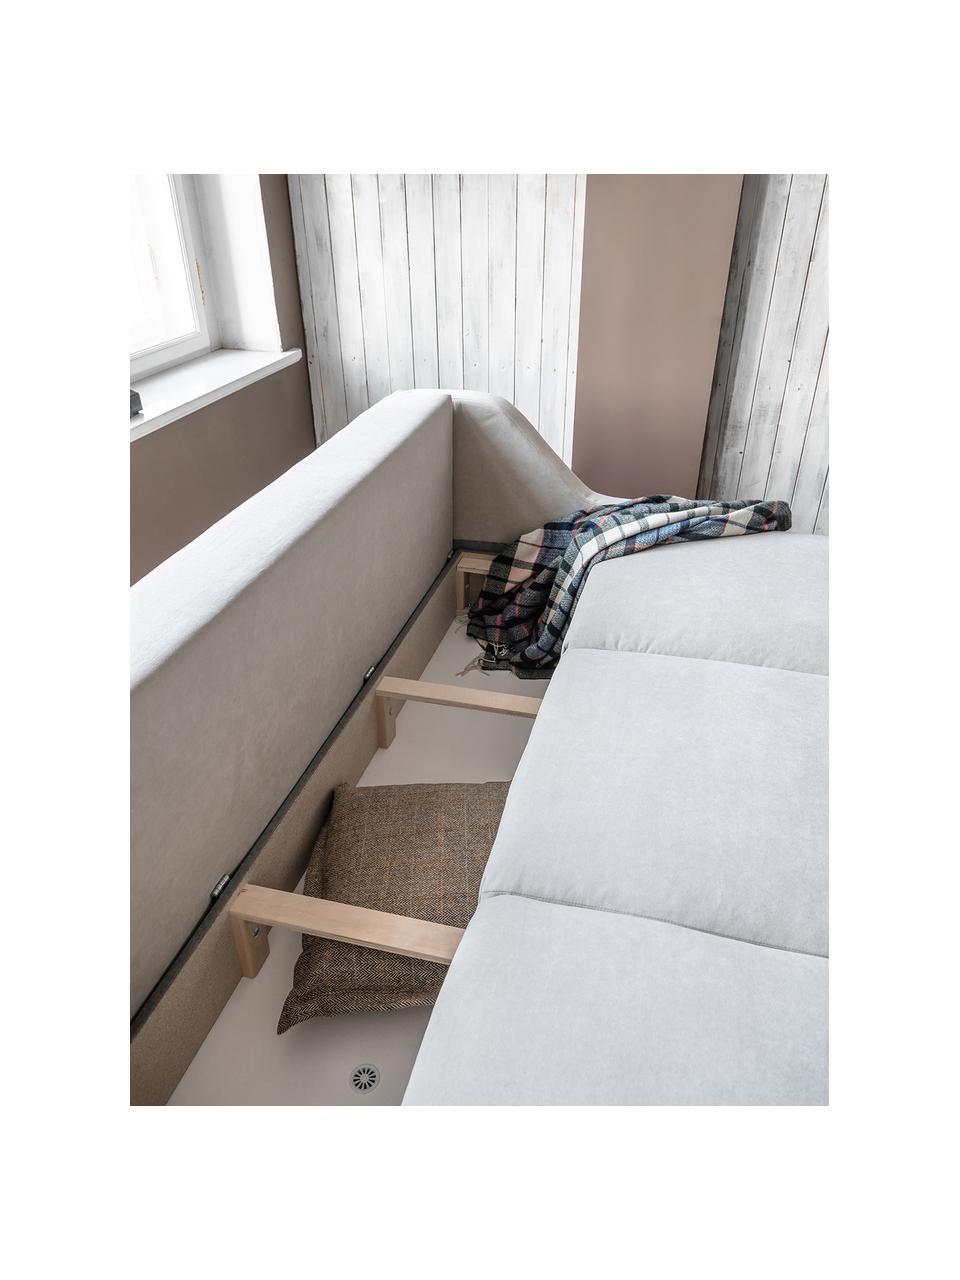 Divano letto 3 posti in tessuto beige Royal Rose, Rivestimento: 100% velluto di poliester, Struttura: legno, truciolato, Beige, Larg. 223 x Prof. 95 cm